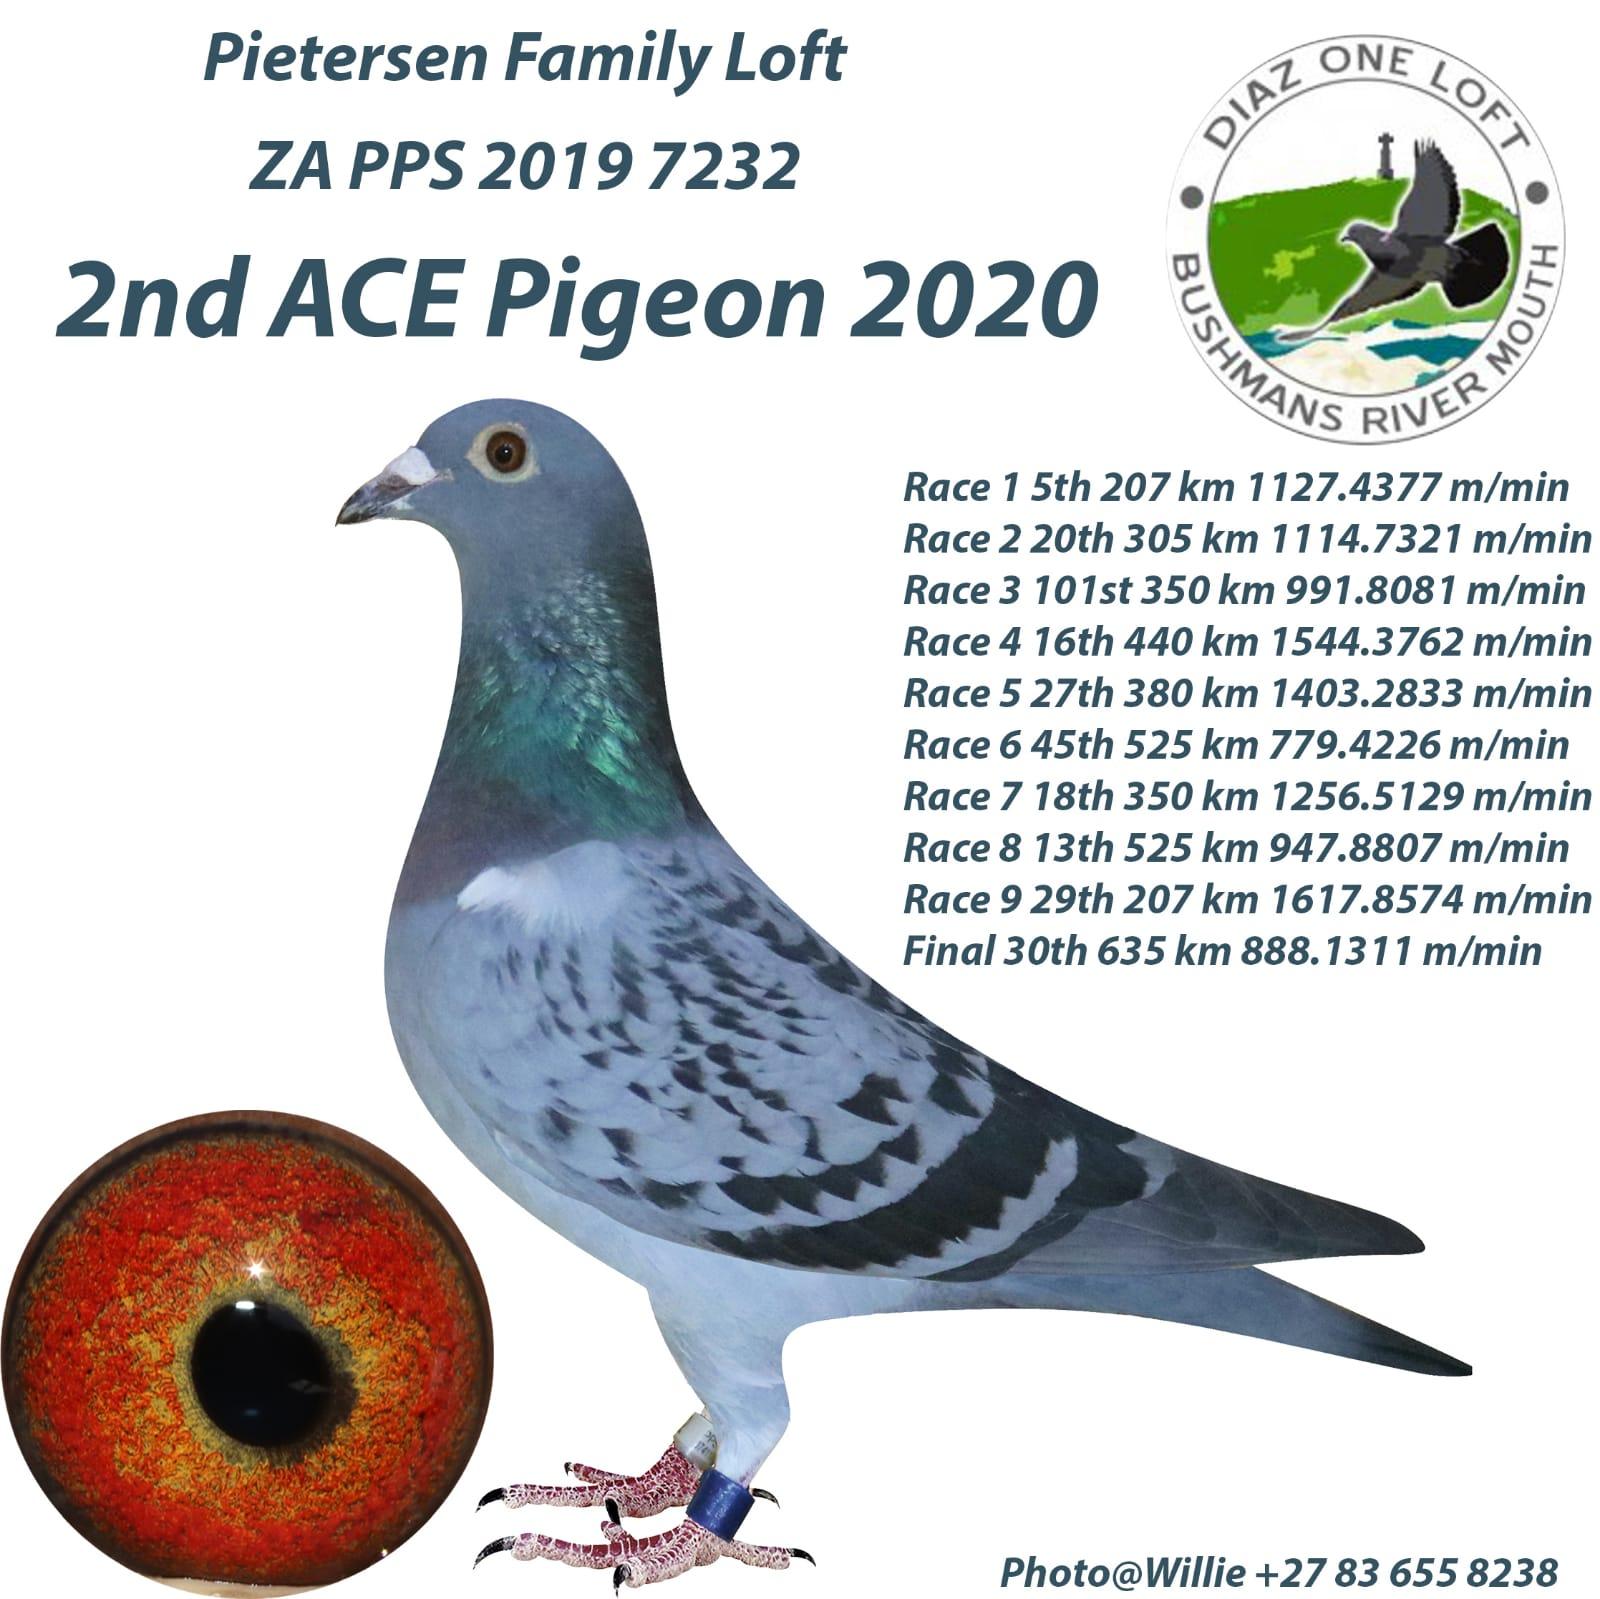 Pietersen Family Loft